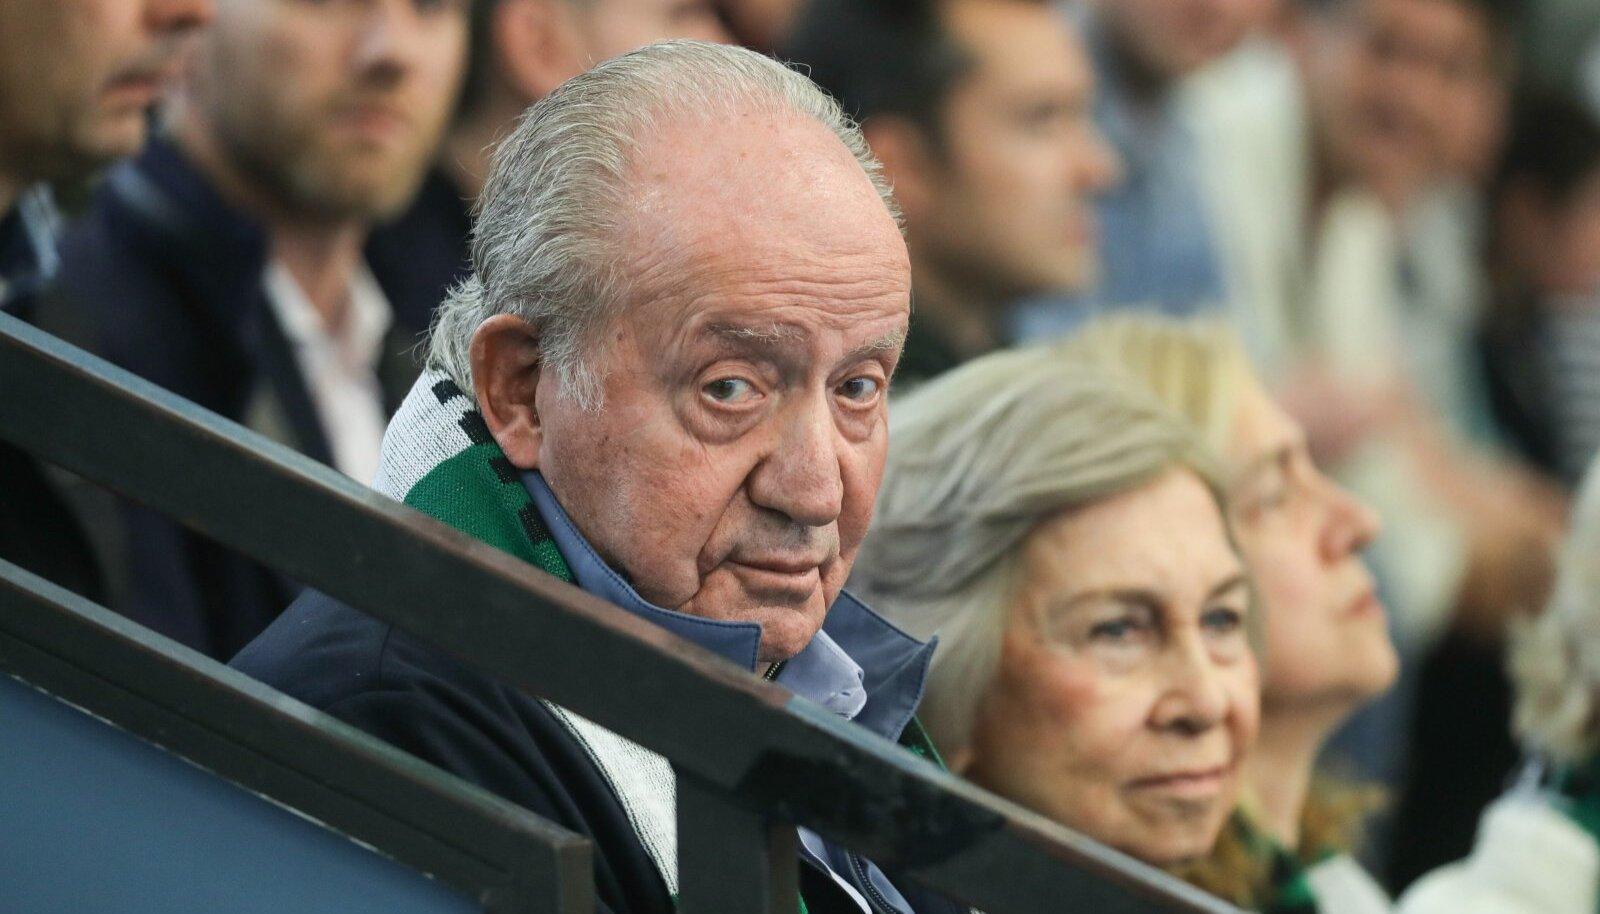 Hispaania ekskuningas Juan Carlos vaatas mullu koos abikaasa Sofíaga lapselapse käsipallimängu.